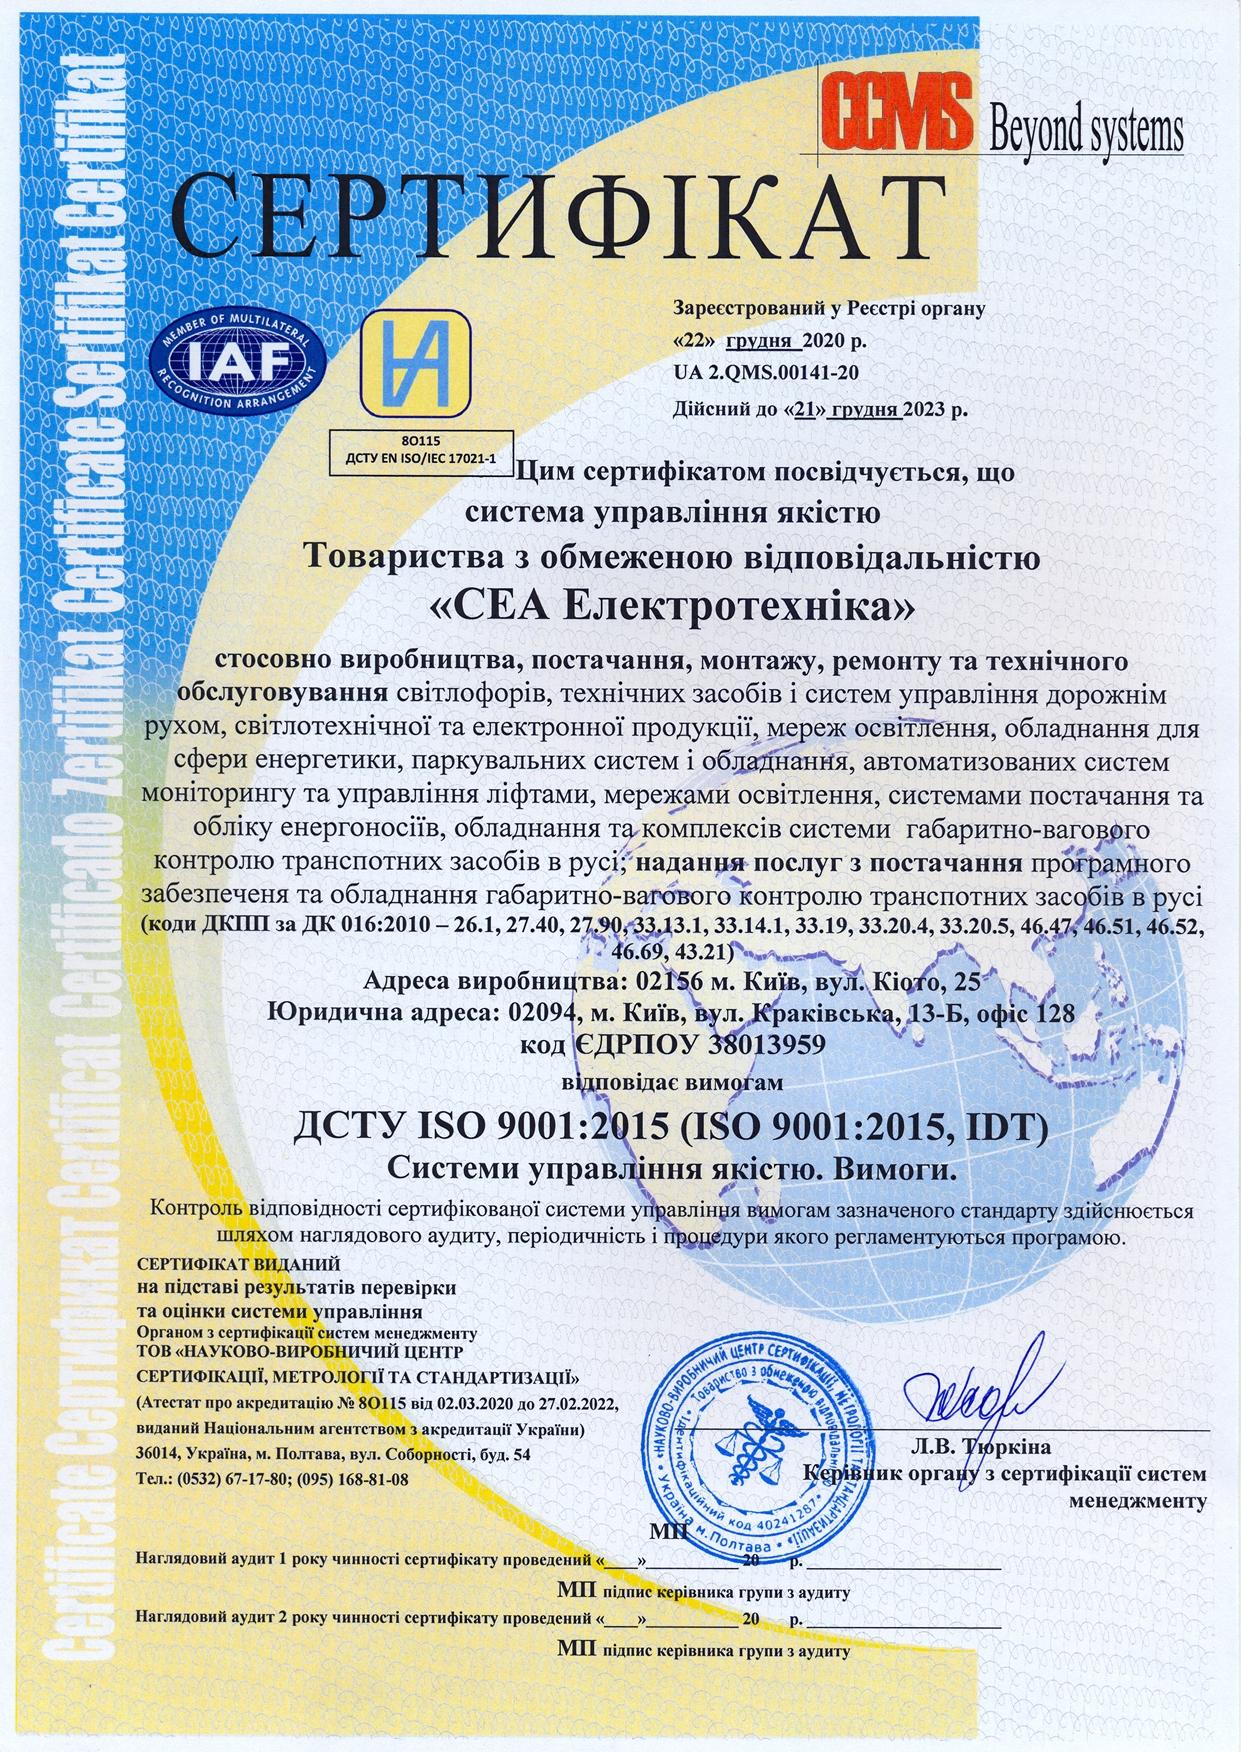 Виробництво, постачання, монтаж, ремонт, обслуговування устаткування і систем Компанією СЕА відповідають вимогам ISO 9001:2015